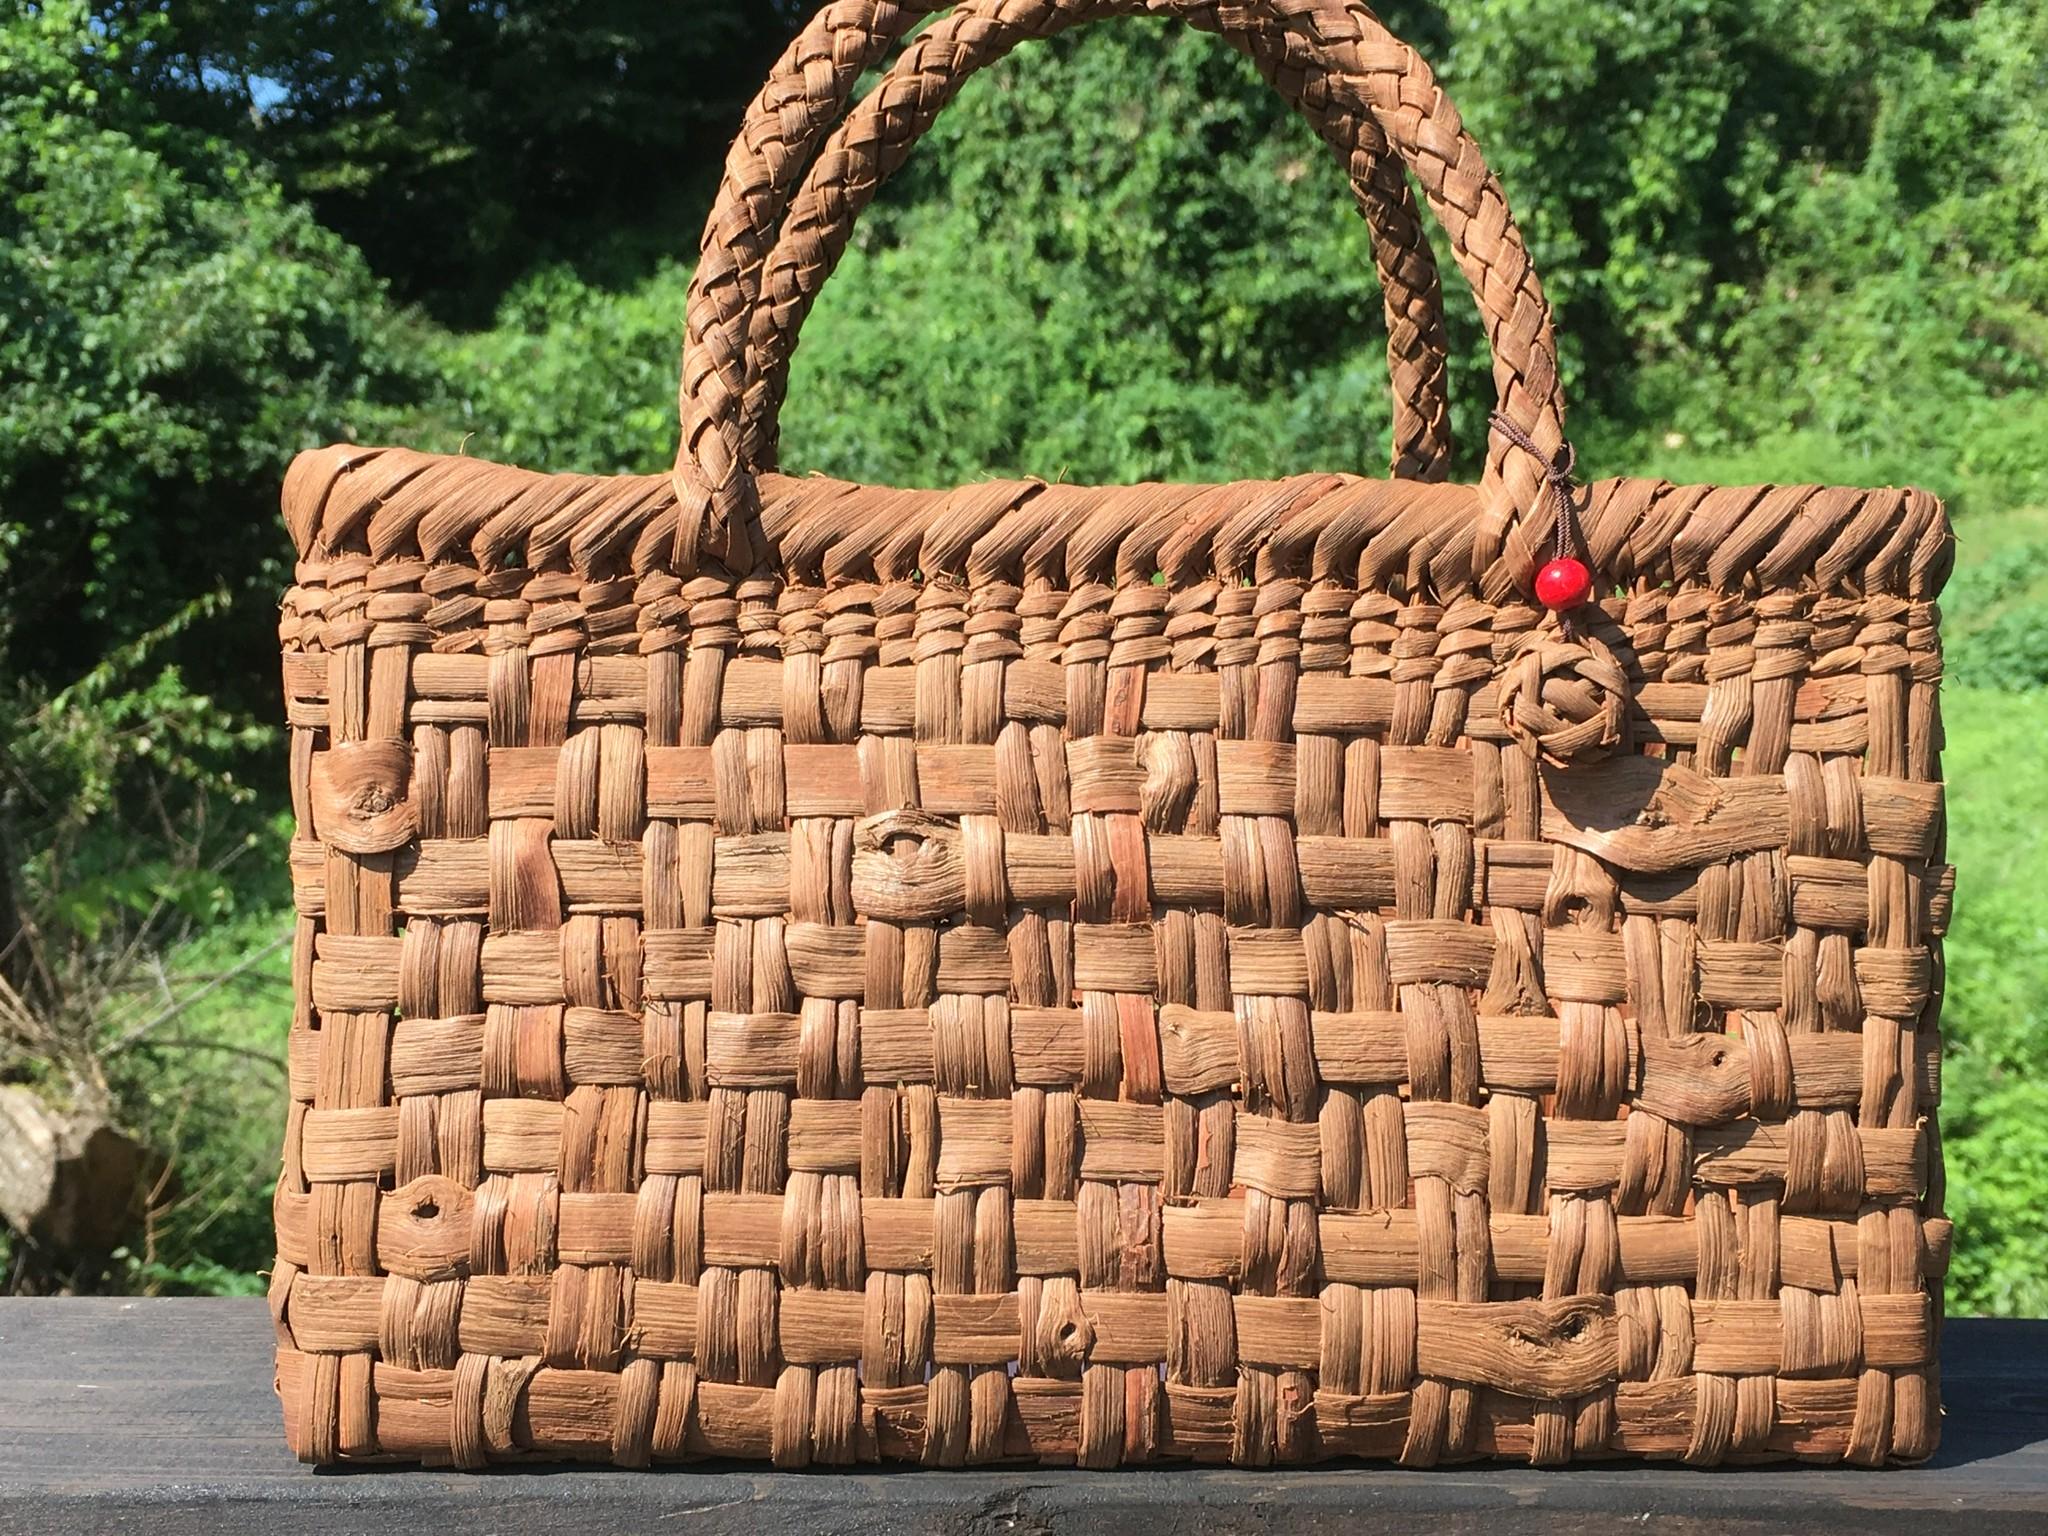 ひとつは欲しい!ハレの日にも、いつもの毎日にも、ずっと使える山葡萄のかごバッグ